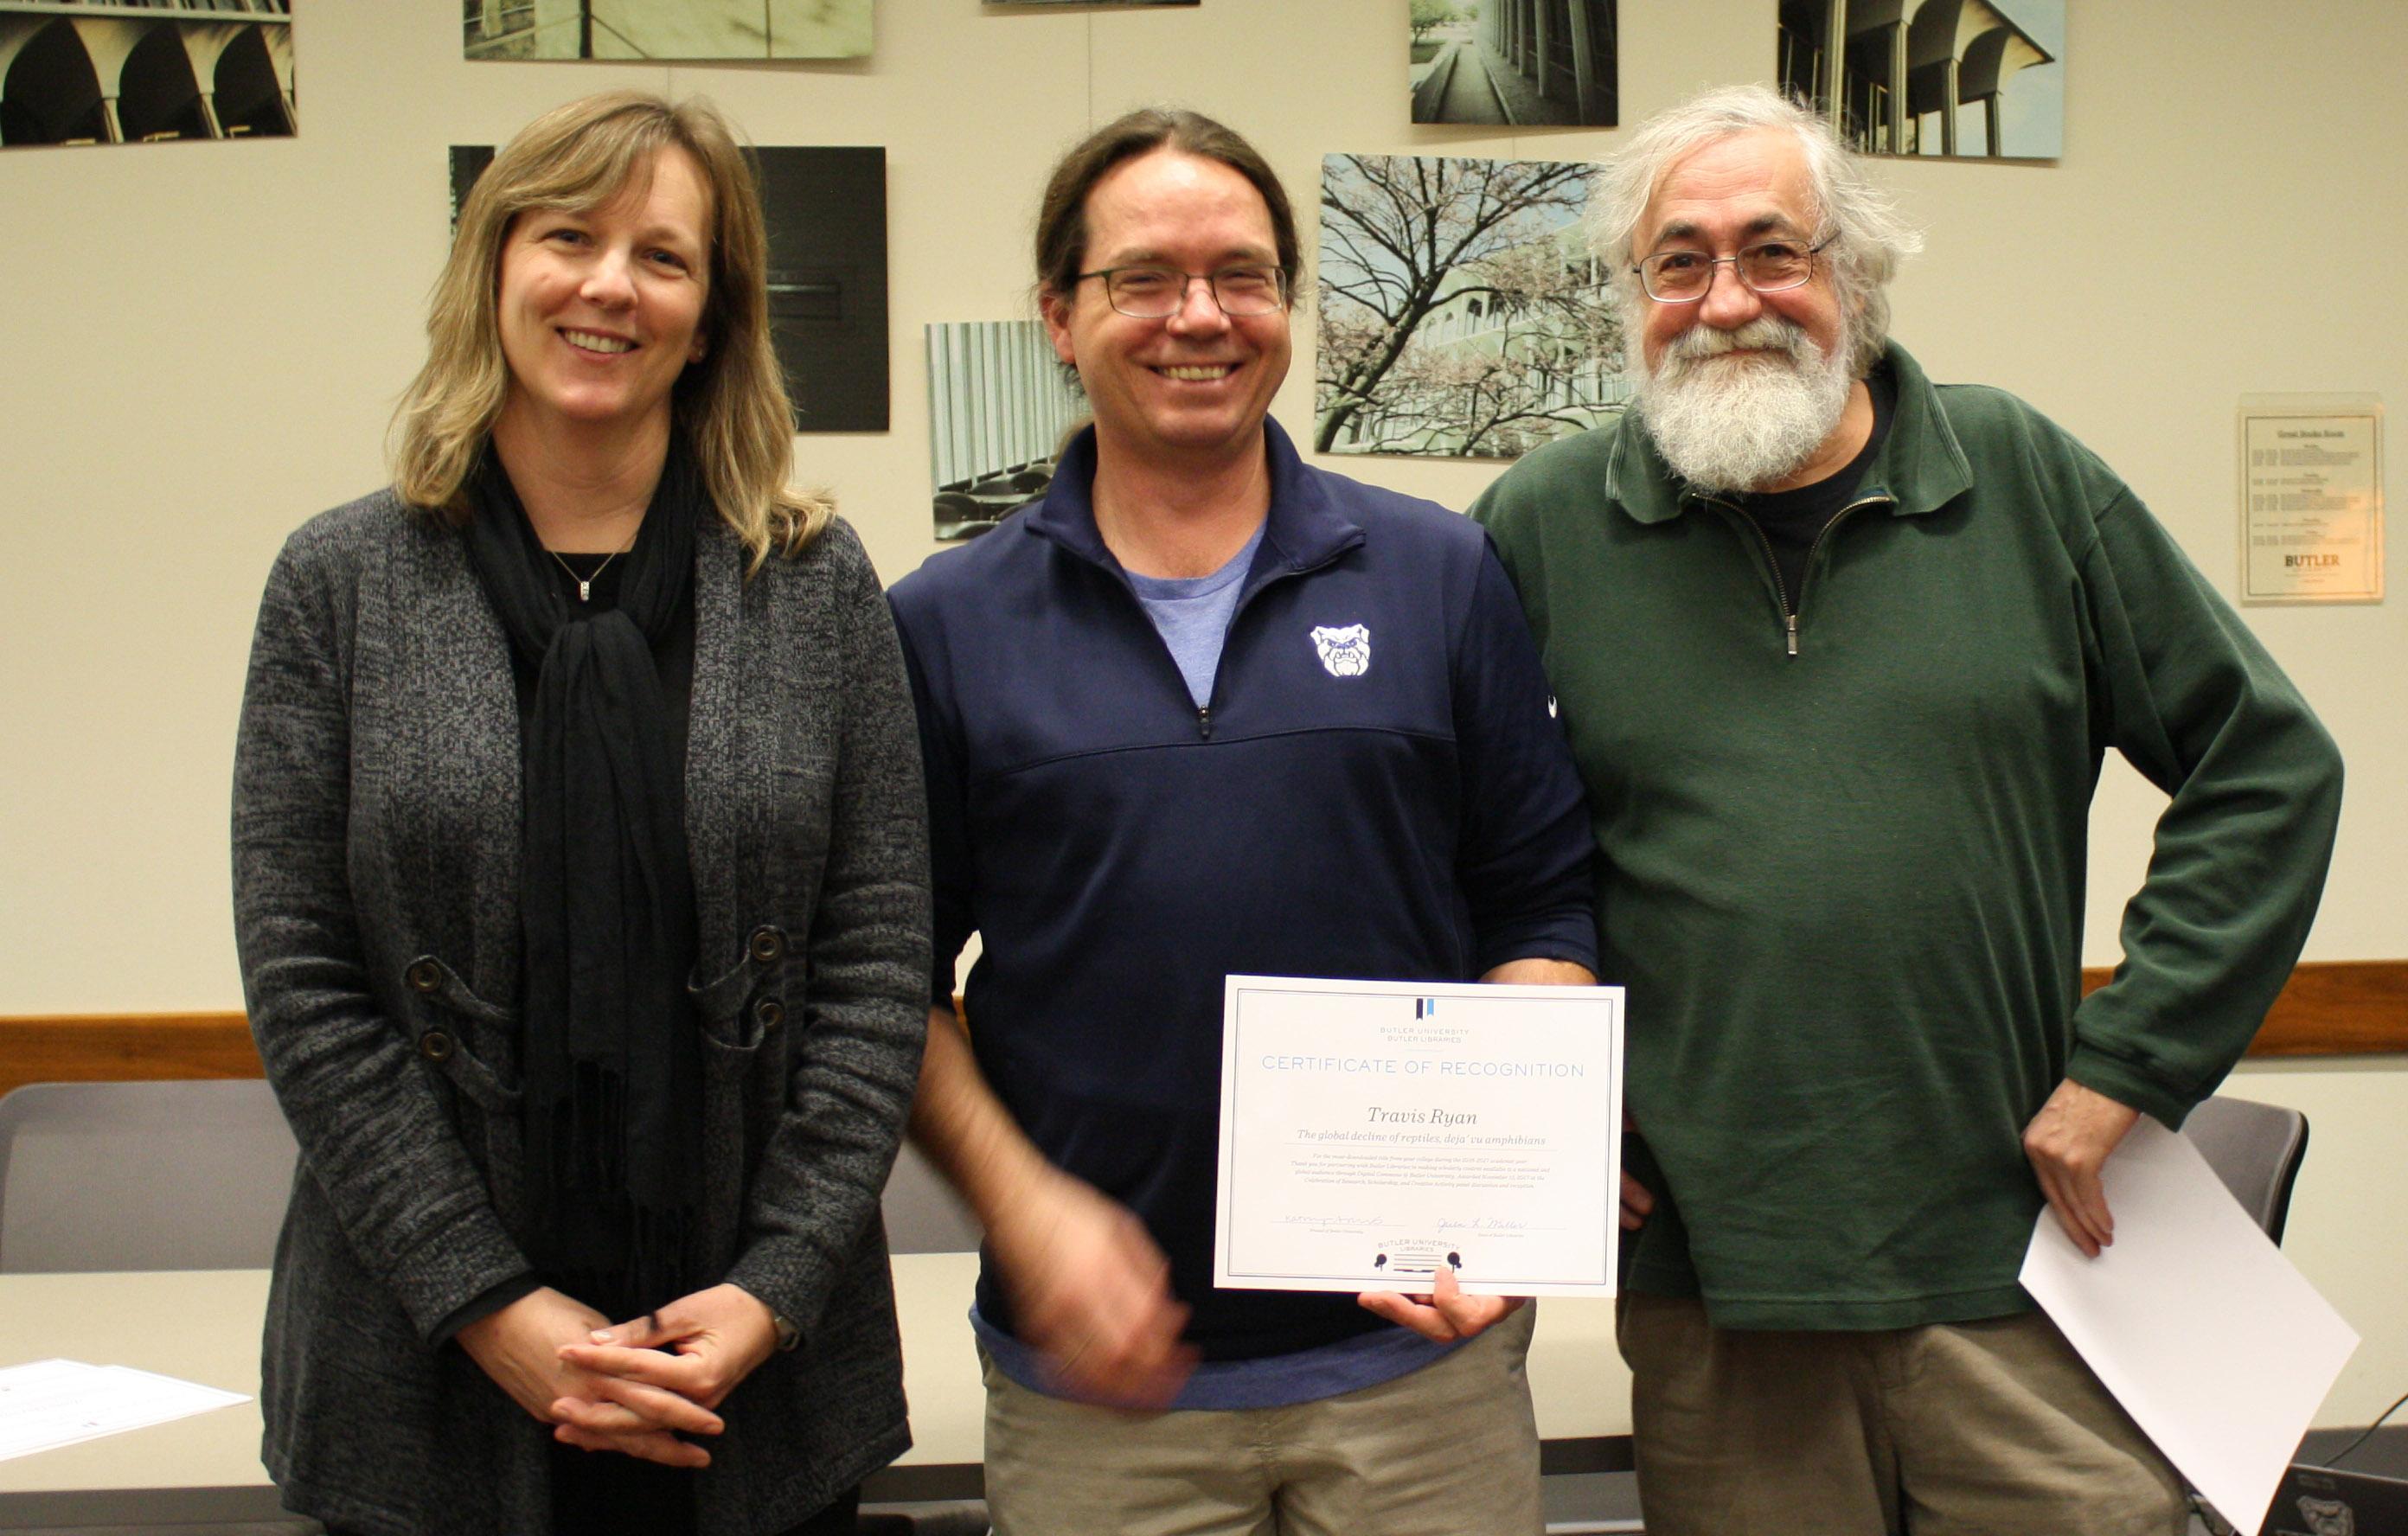 Celebration Certificate Recipients - LAS faculty